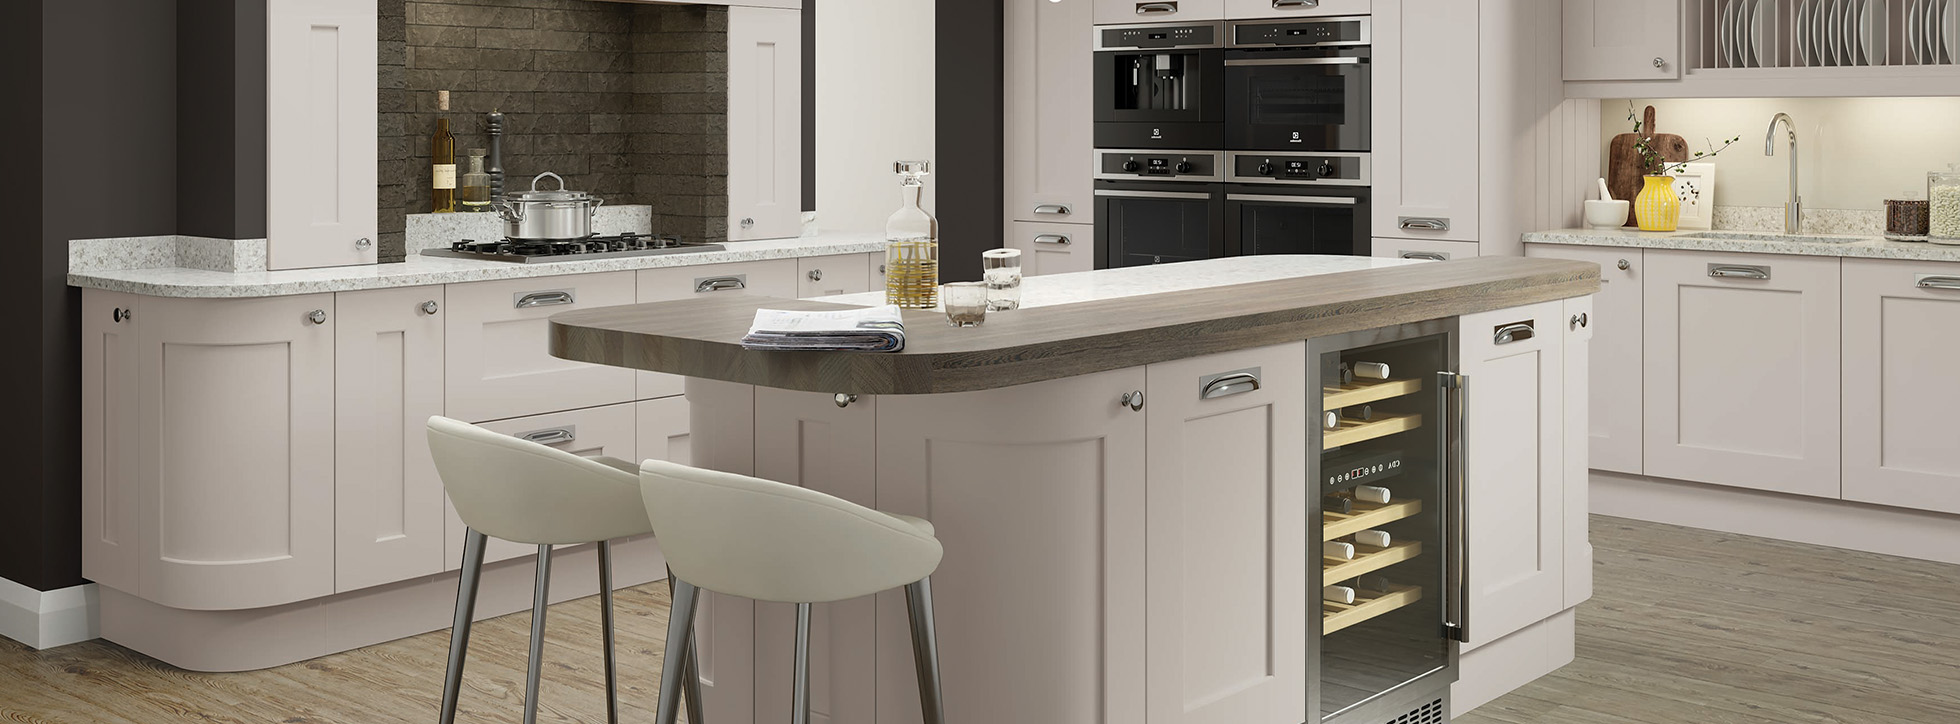 Medium size of unfinished kitchen cabinets cheap kitchen - Cheap unfinished kitchen cabinets ...